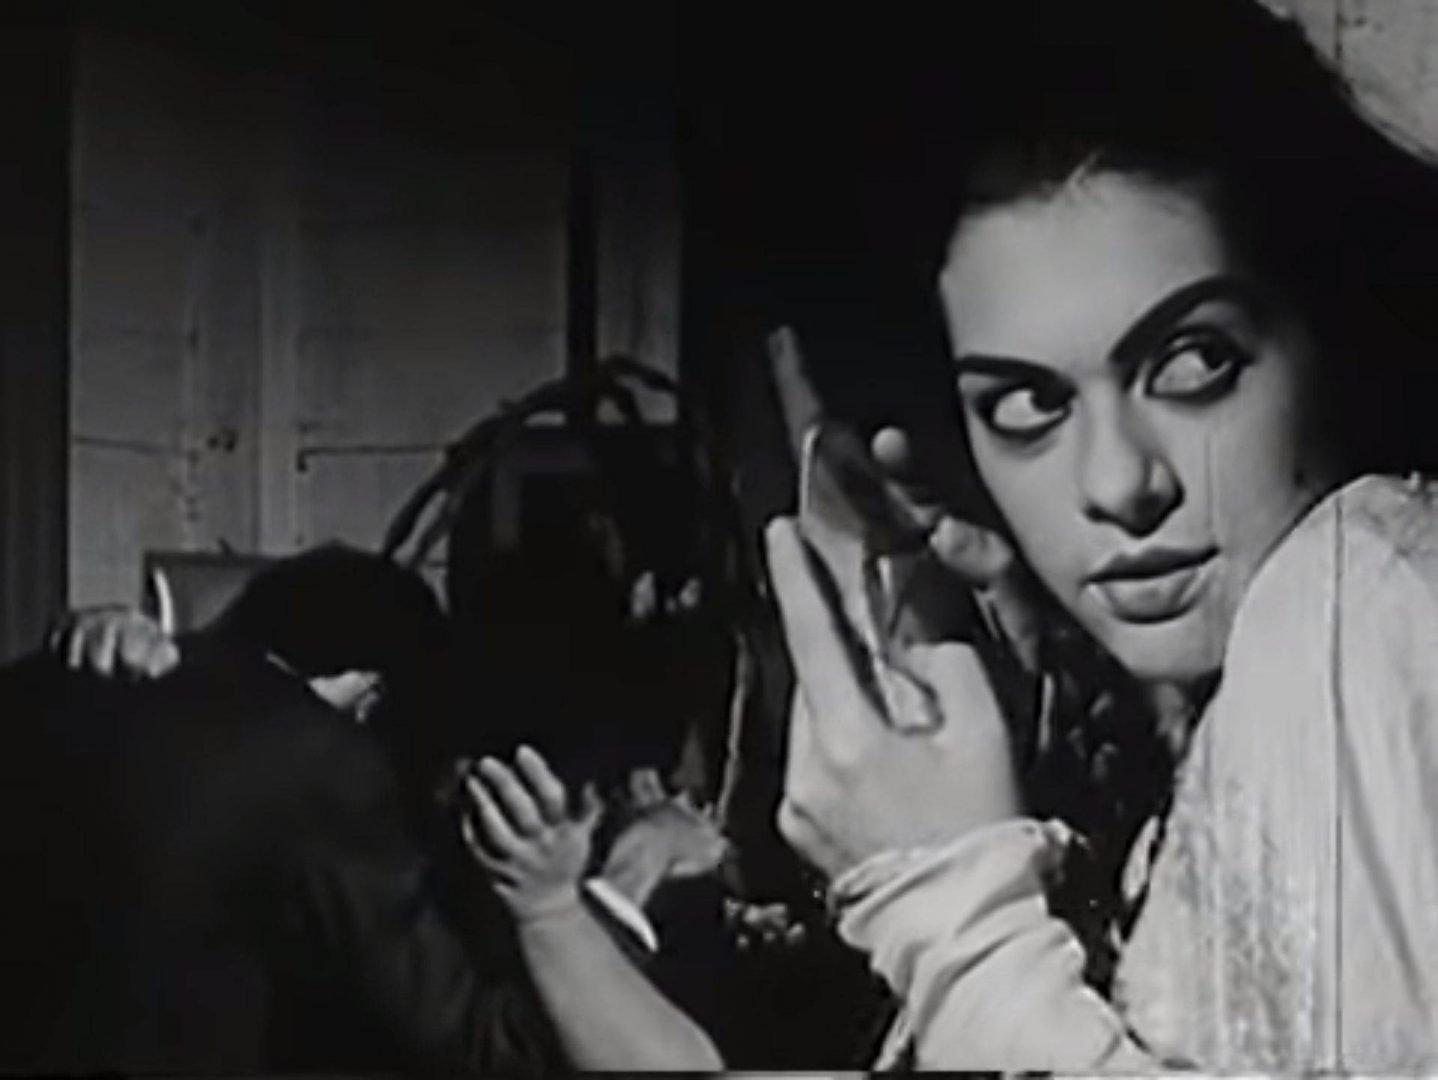 Still from the Cuban music video La tísica, Grupo Experimental Cubanacán-ICAIC.